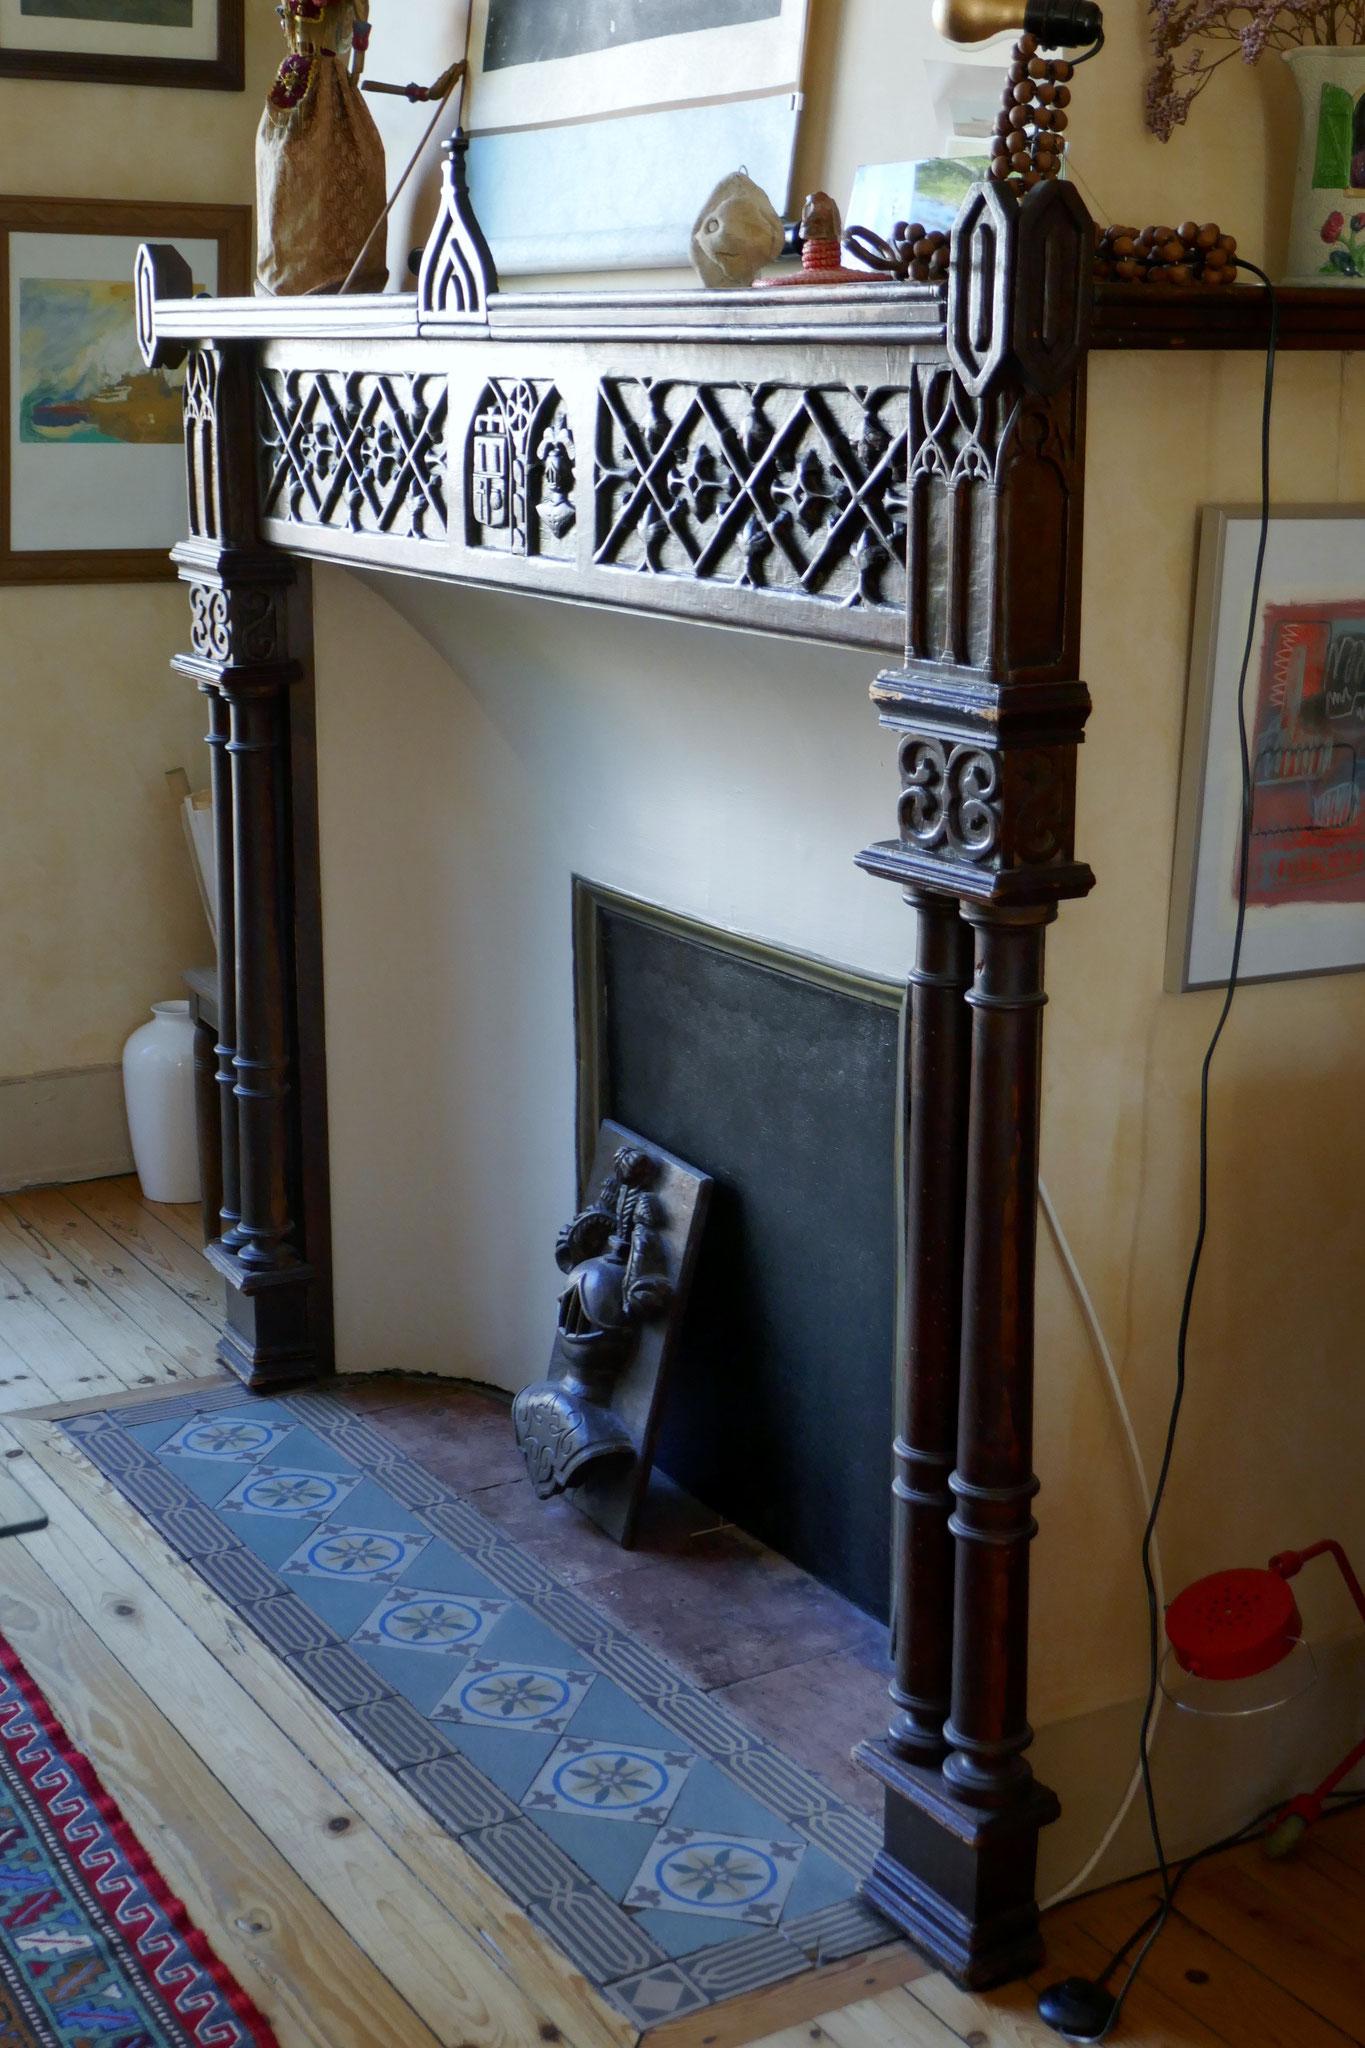 1915 environ. Le heaume posé sur le carrelage ornait à l'origine la hotte dont le lambris croisillonné a paru trop chargé pour subsister.